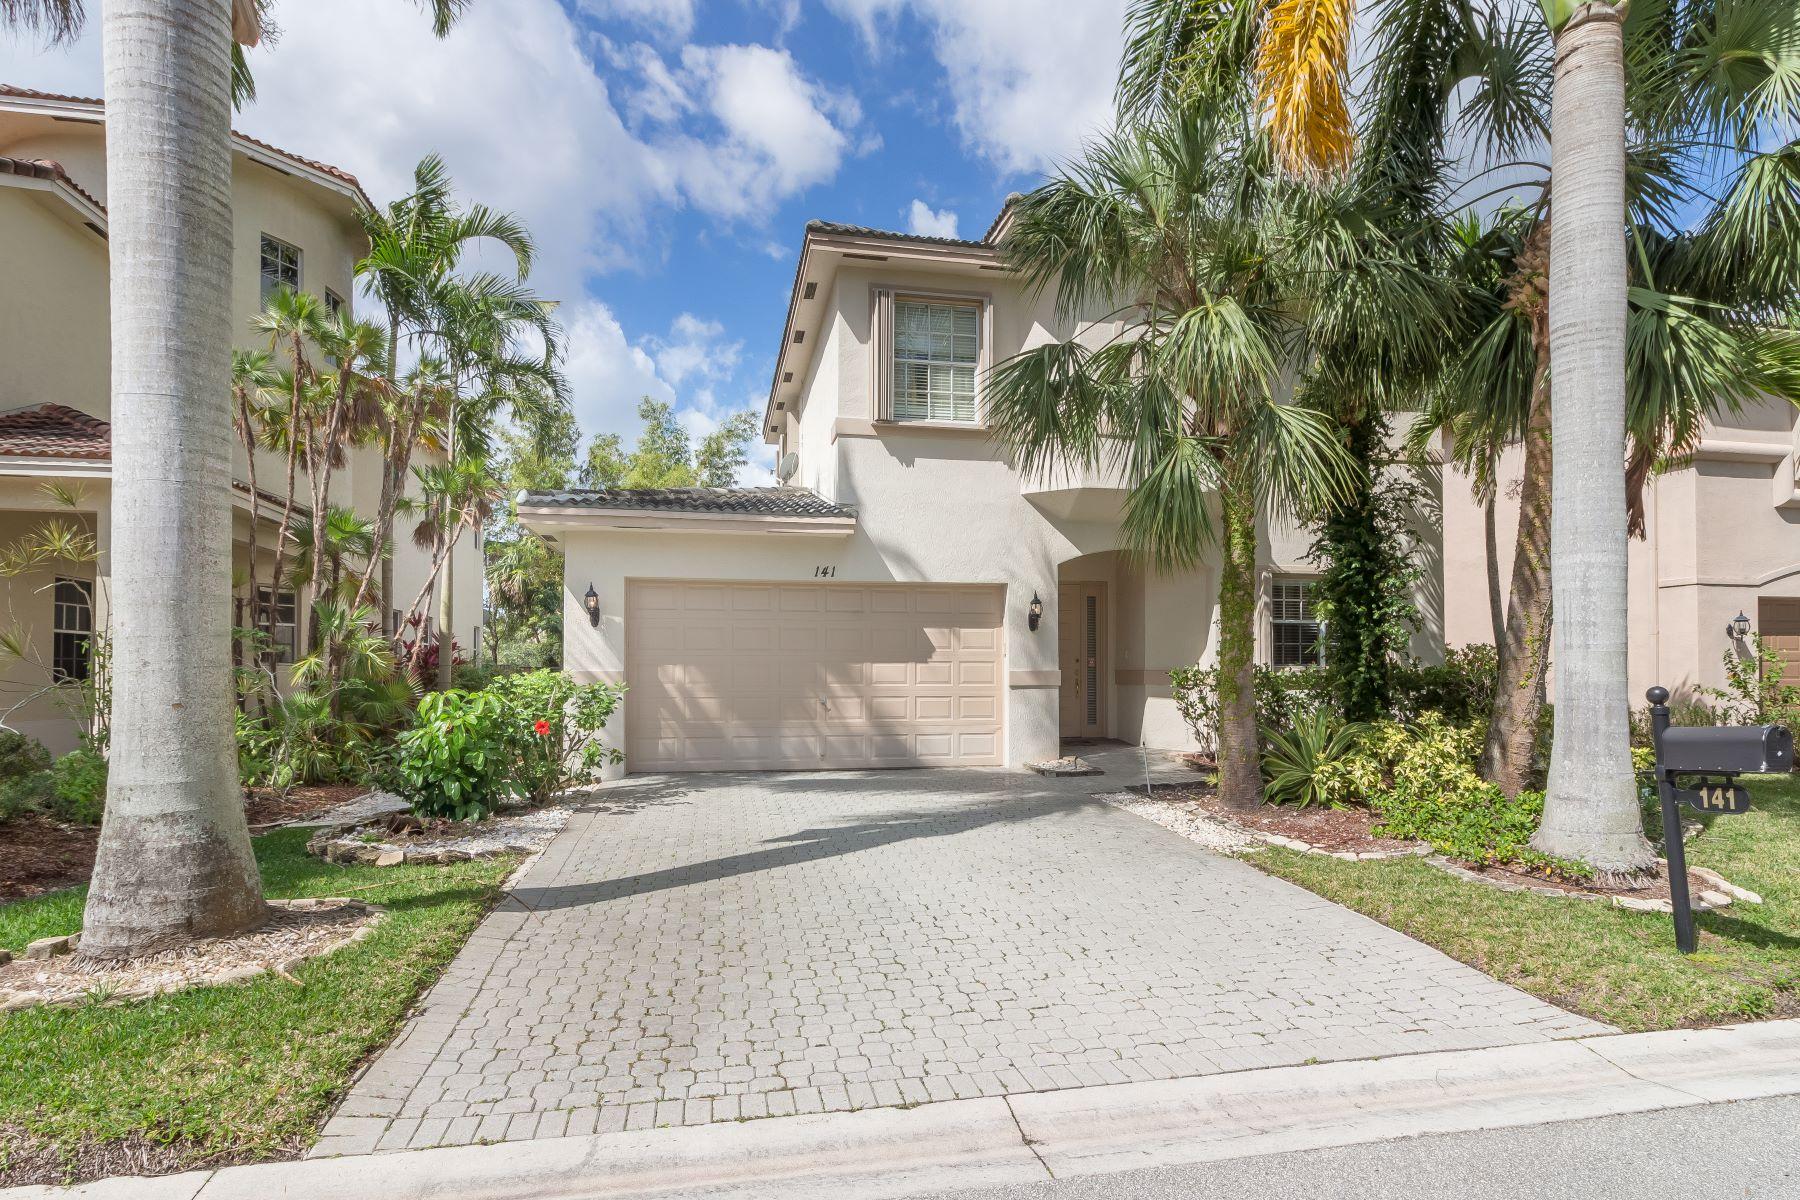 獨棟家庭住宅 為 出售 在 141 Nw 117th Ter 141 Nw 117th Ter Plantation, 佛羅里達州 33325 美國